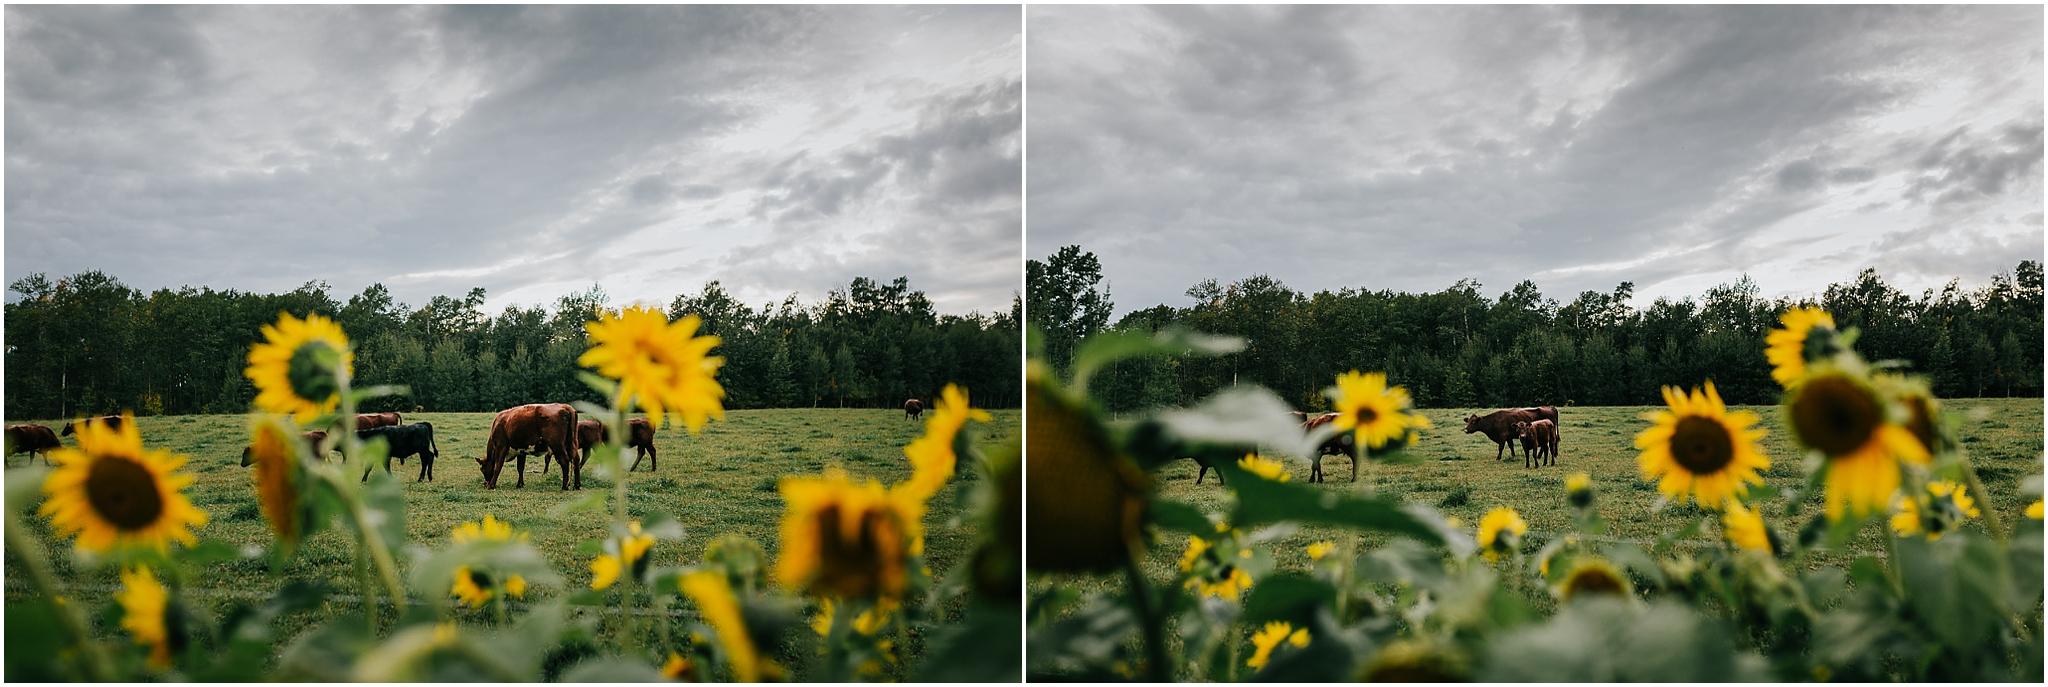 Treelines Photography - Edmonton Lifestyle Photographer - Edmonton Landscape Photographer - Sunflowers